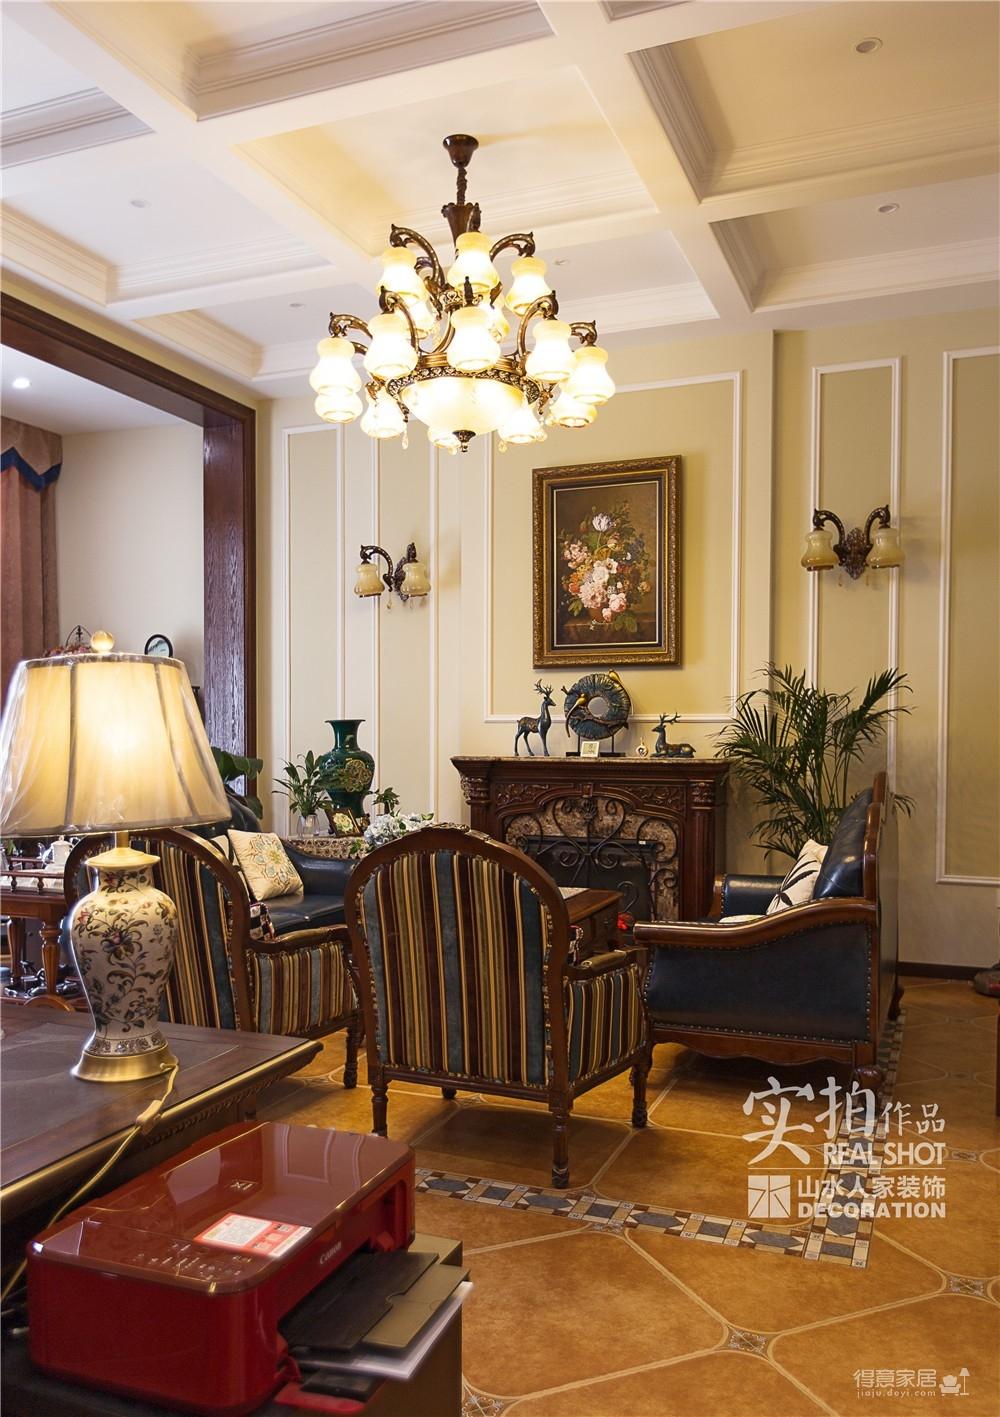 高尔夫国际别墅古典美式图_9